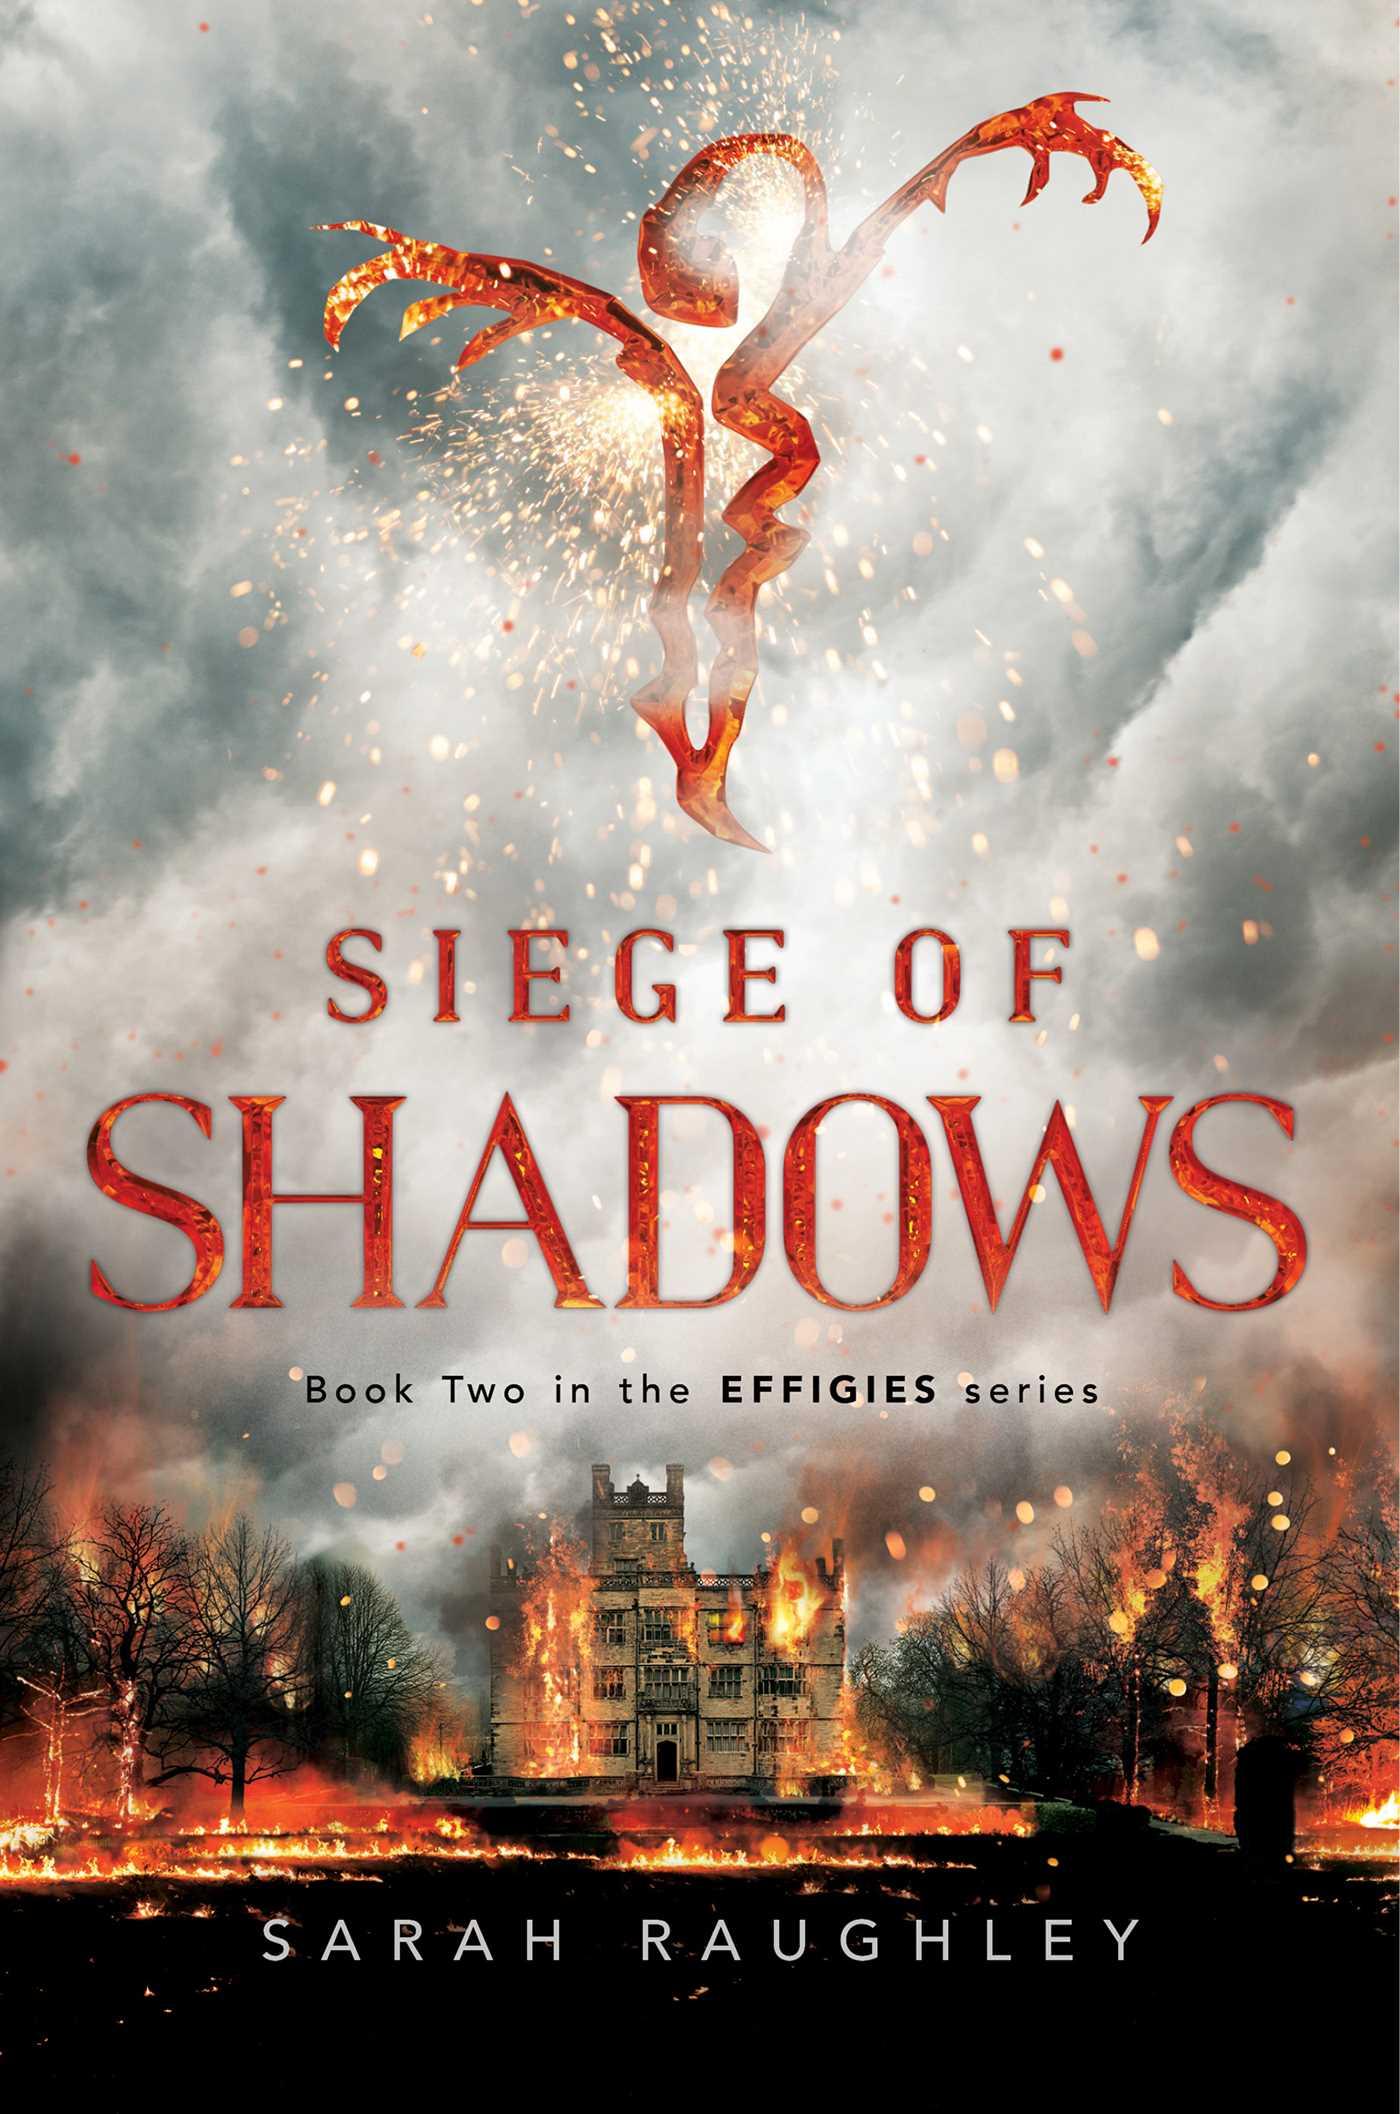 Siege of shadows 9781481466813 hr